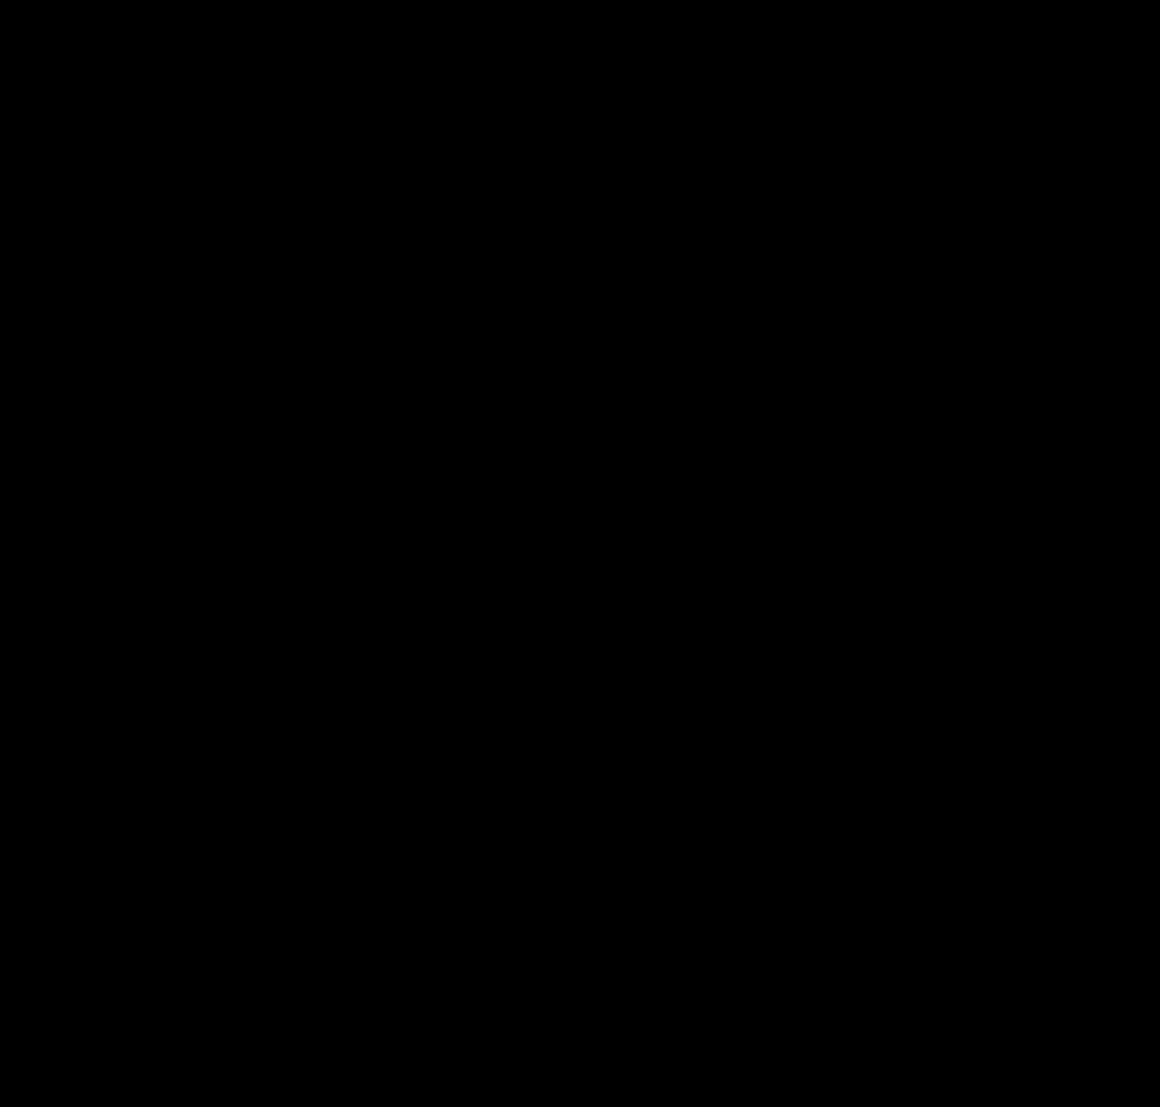 Le logo Broohaha a été créé par Quentin Vijoux, illustrateur  www.quentinvijoux.com